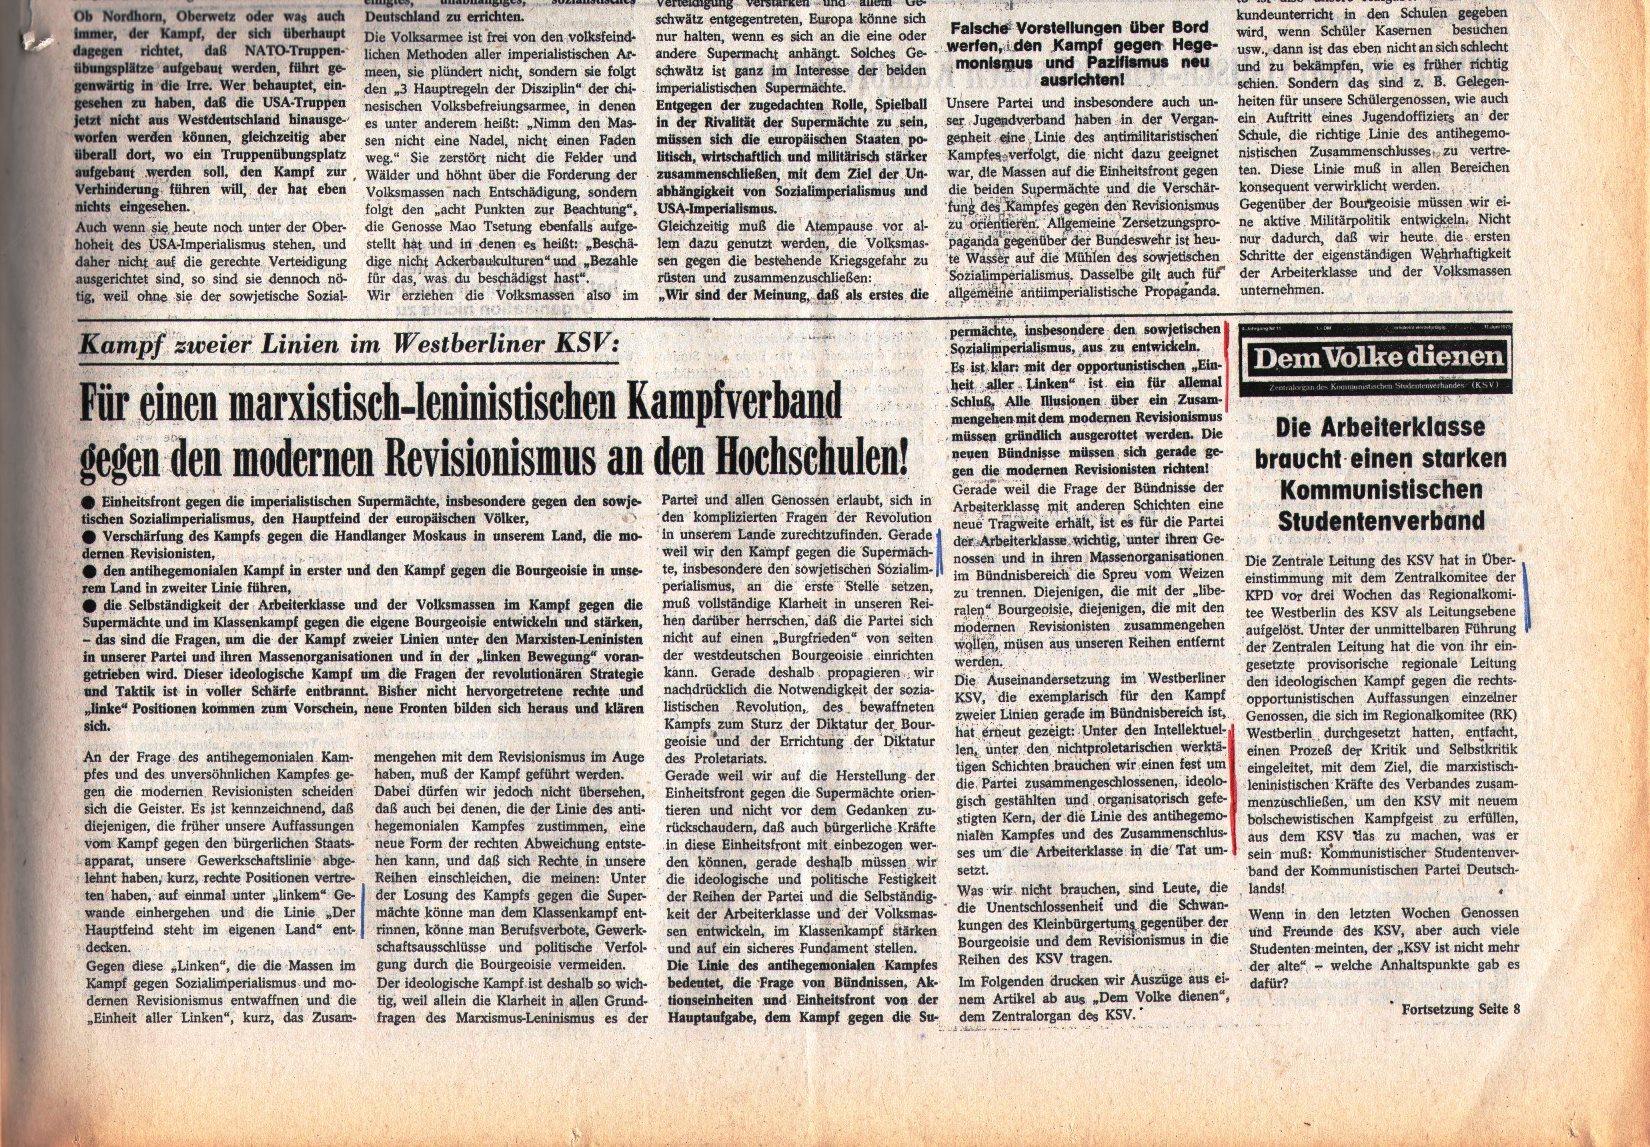 KPD_Rote_Fahne_1975_28_14